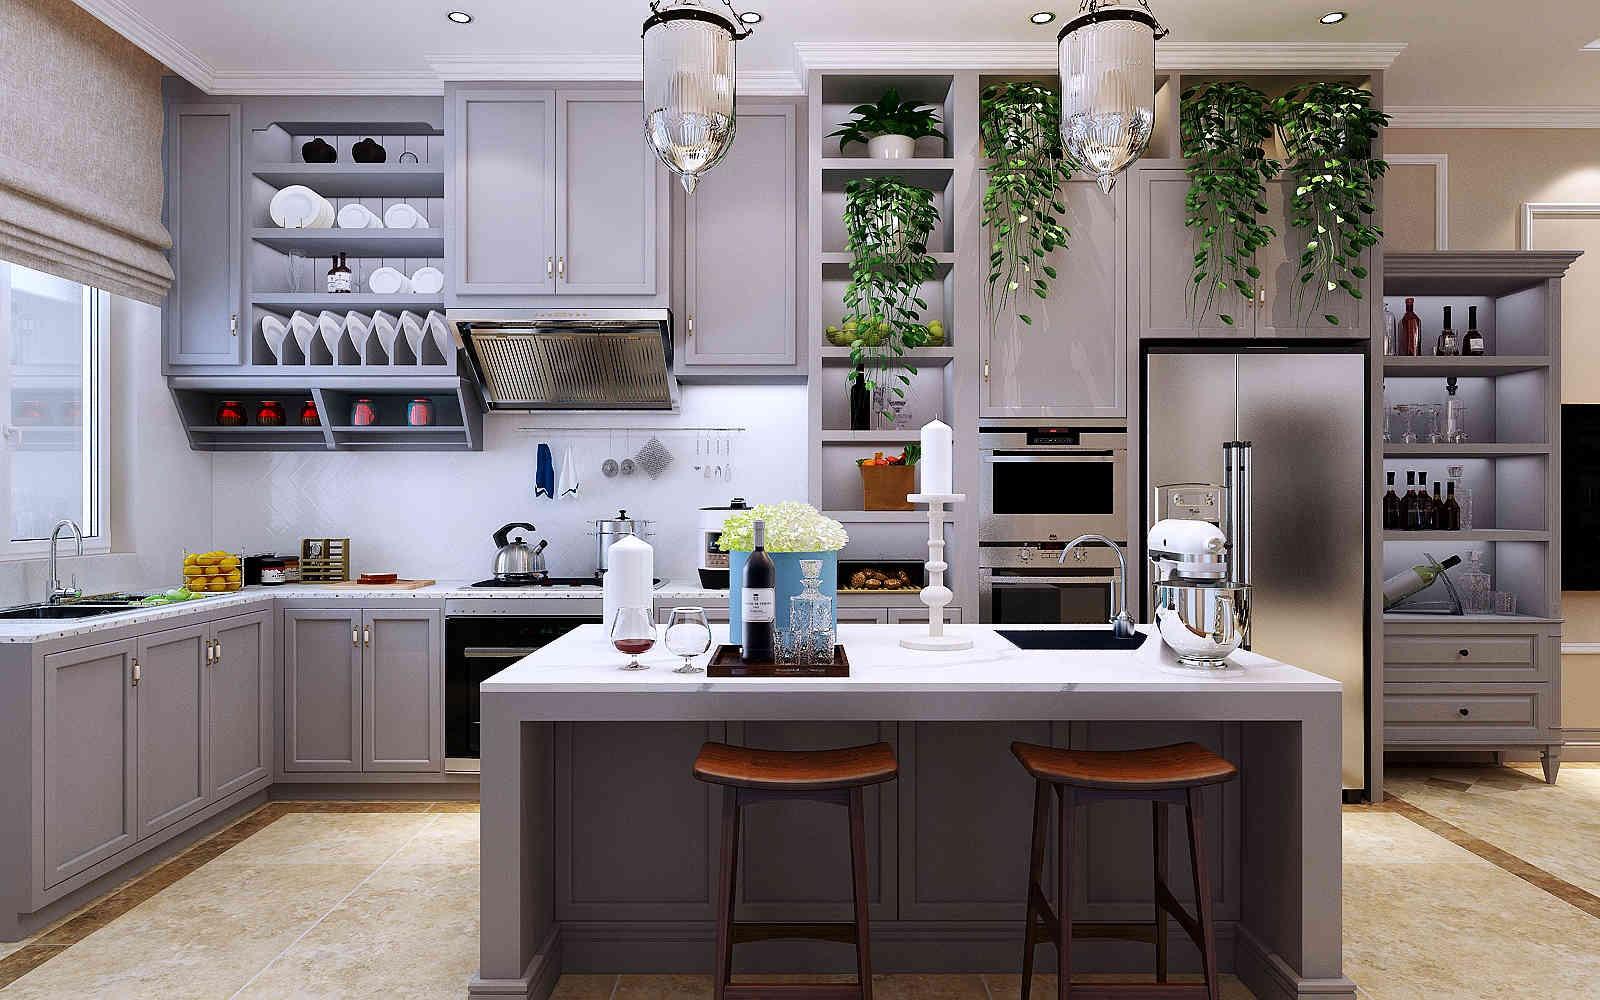 2020美式廚房裝修圖 2020美式廚房島臺裝飾設計